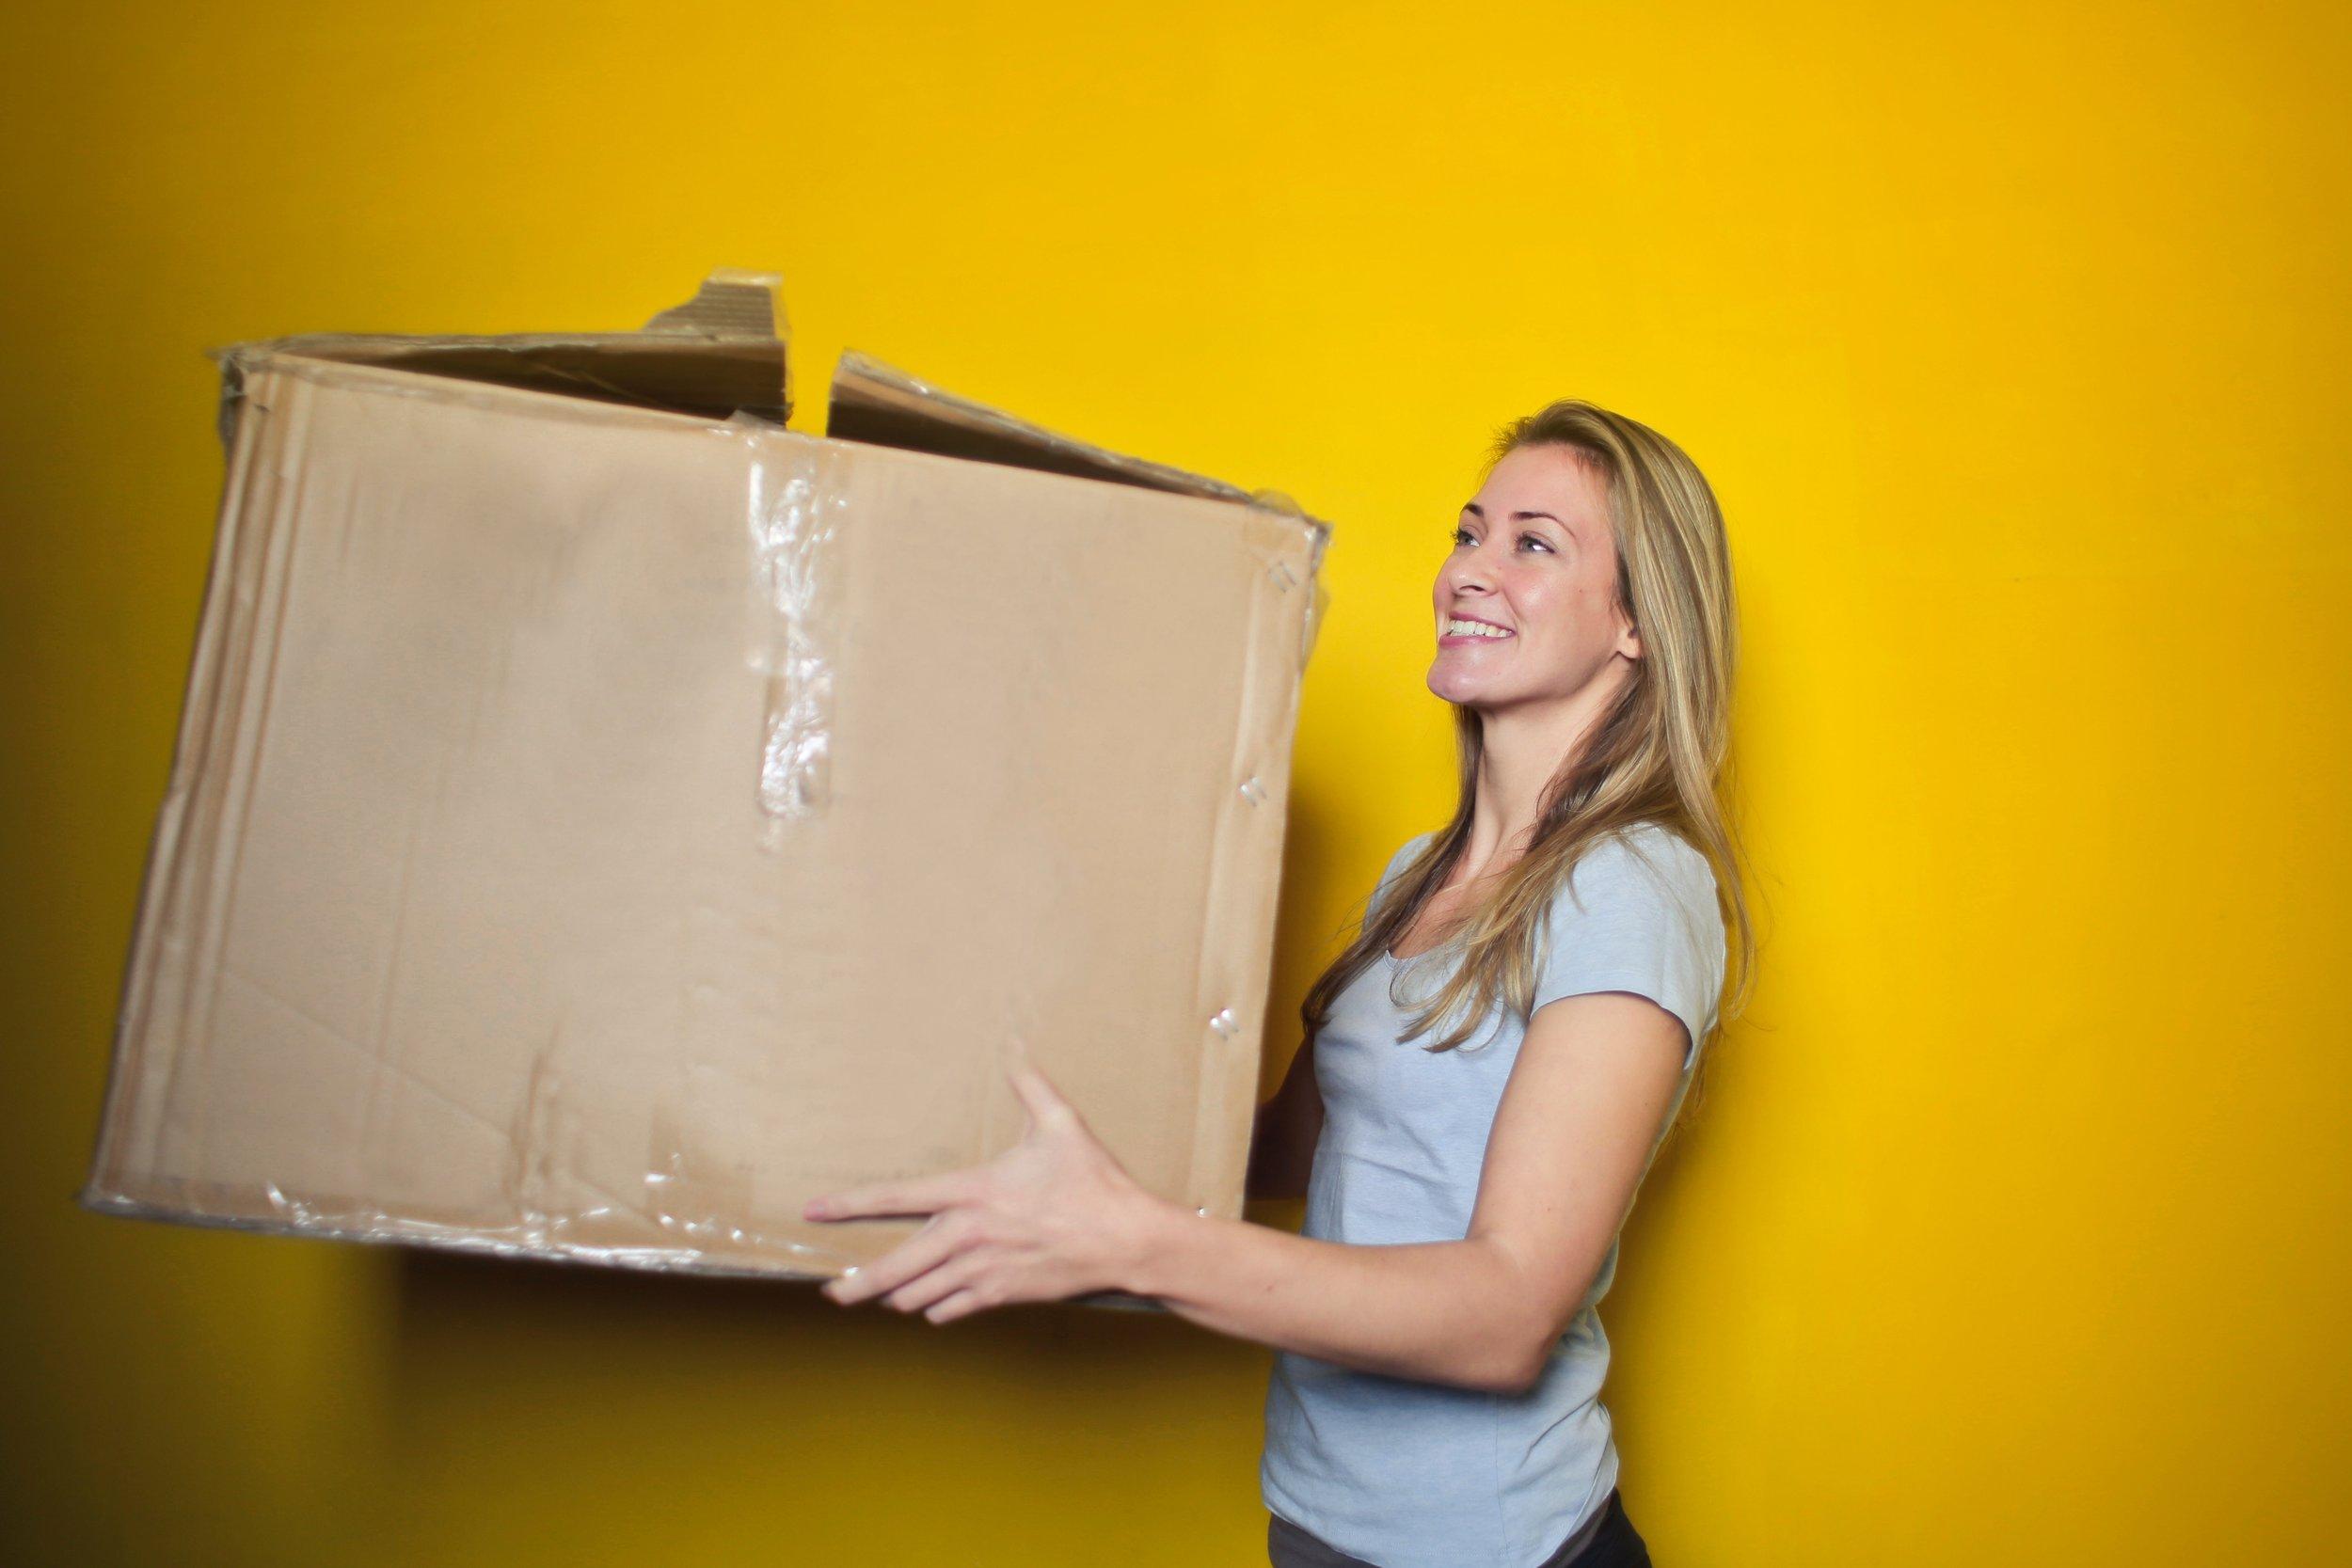 uwm.homebuying.beautiful-beauty-blond-761999.jpg